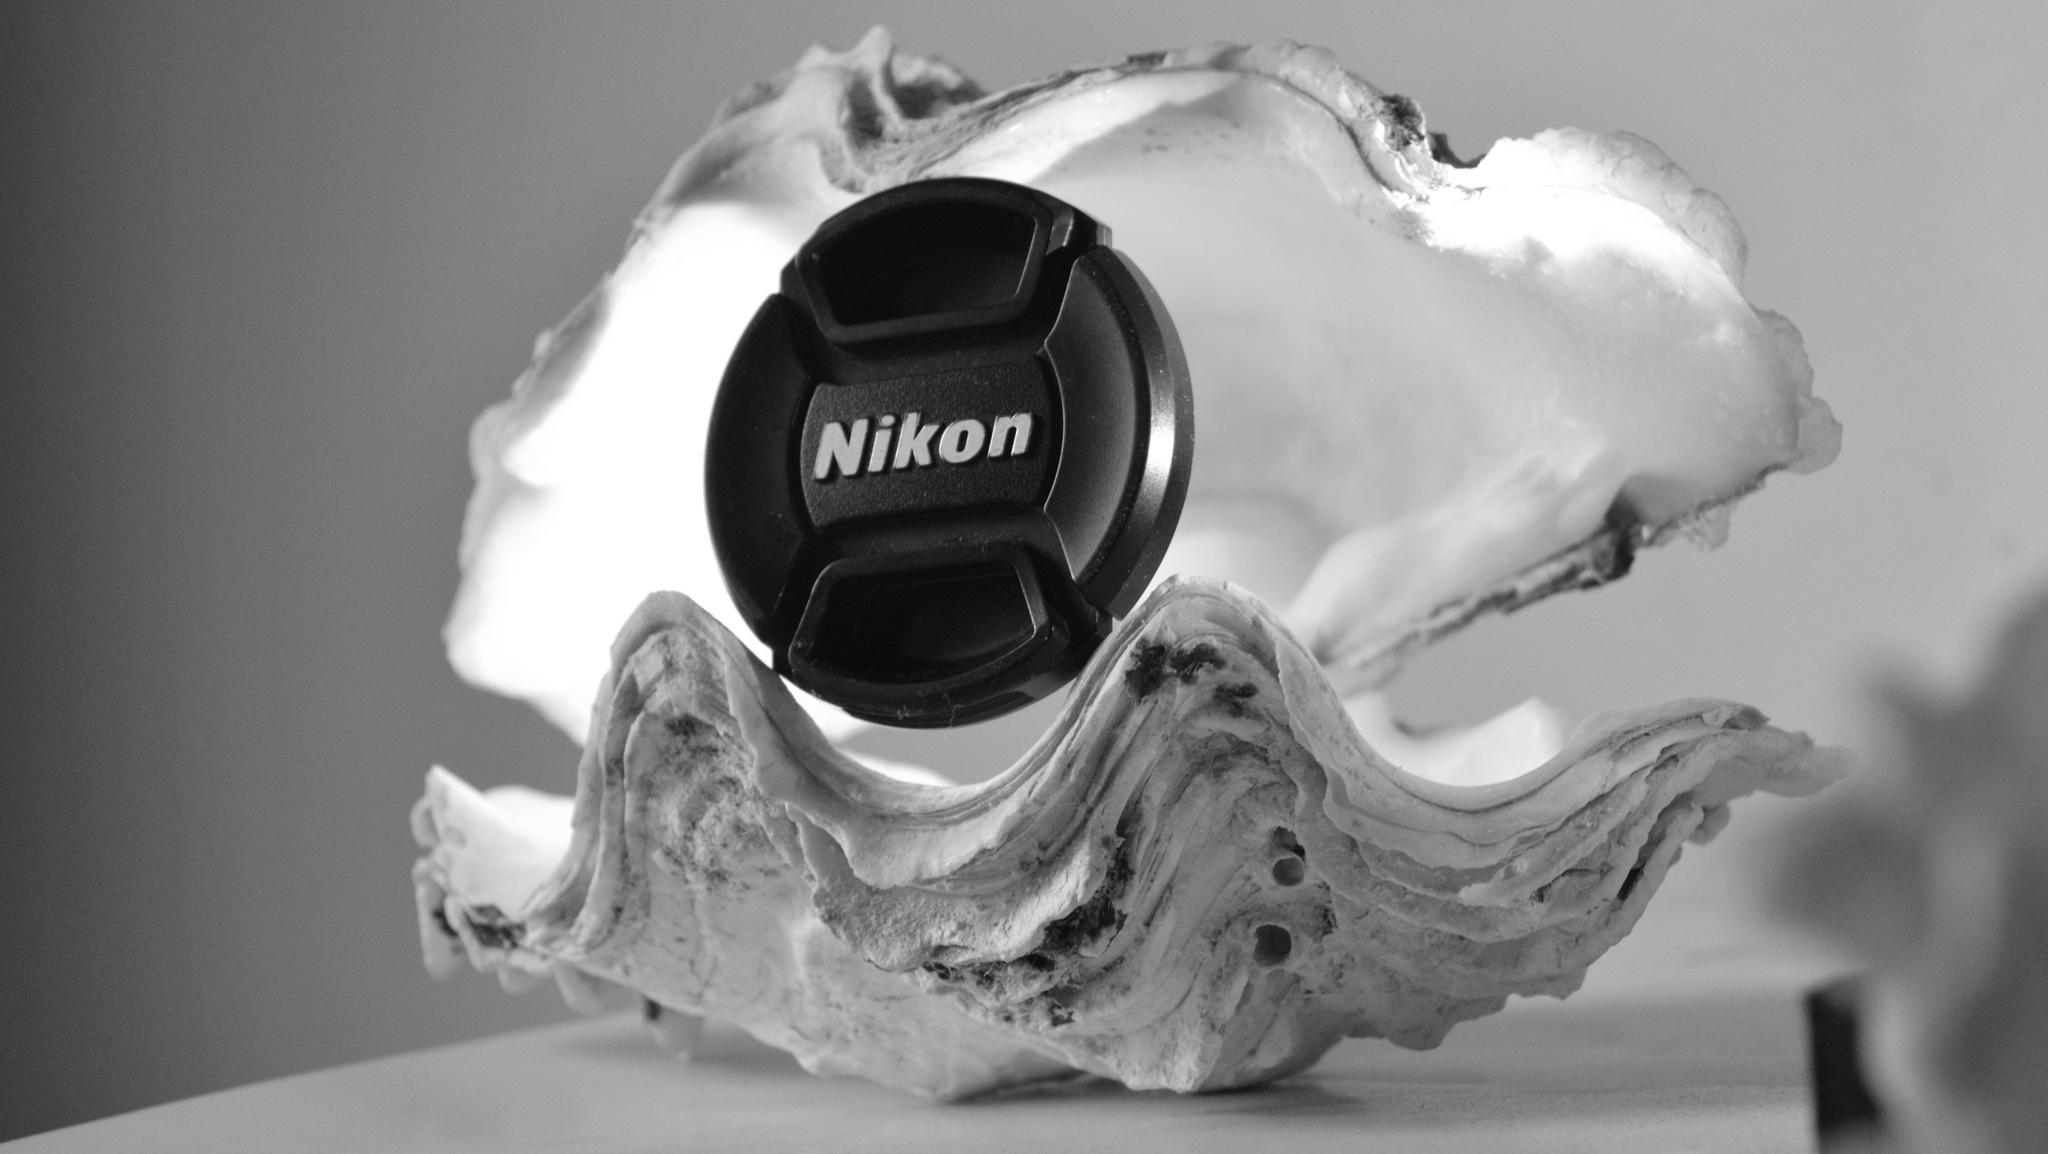 Nikon Trademark  by Attia Awadh